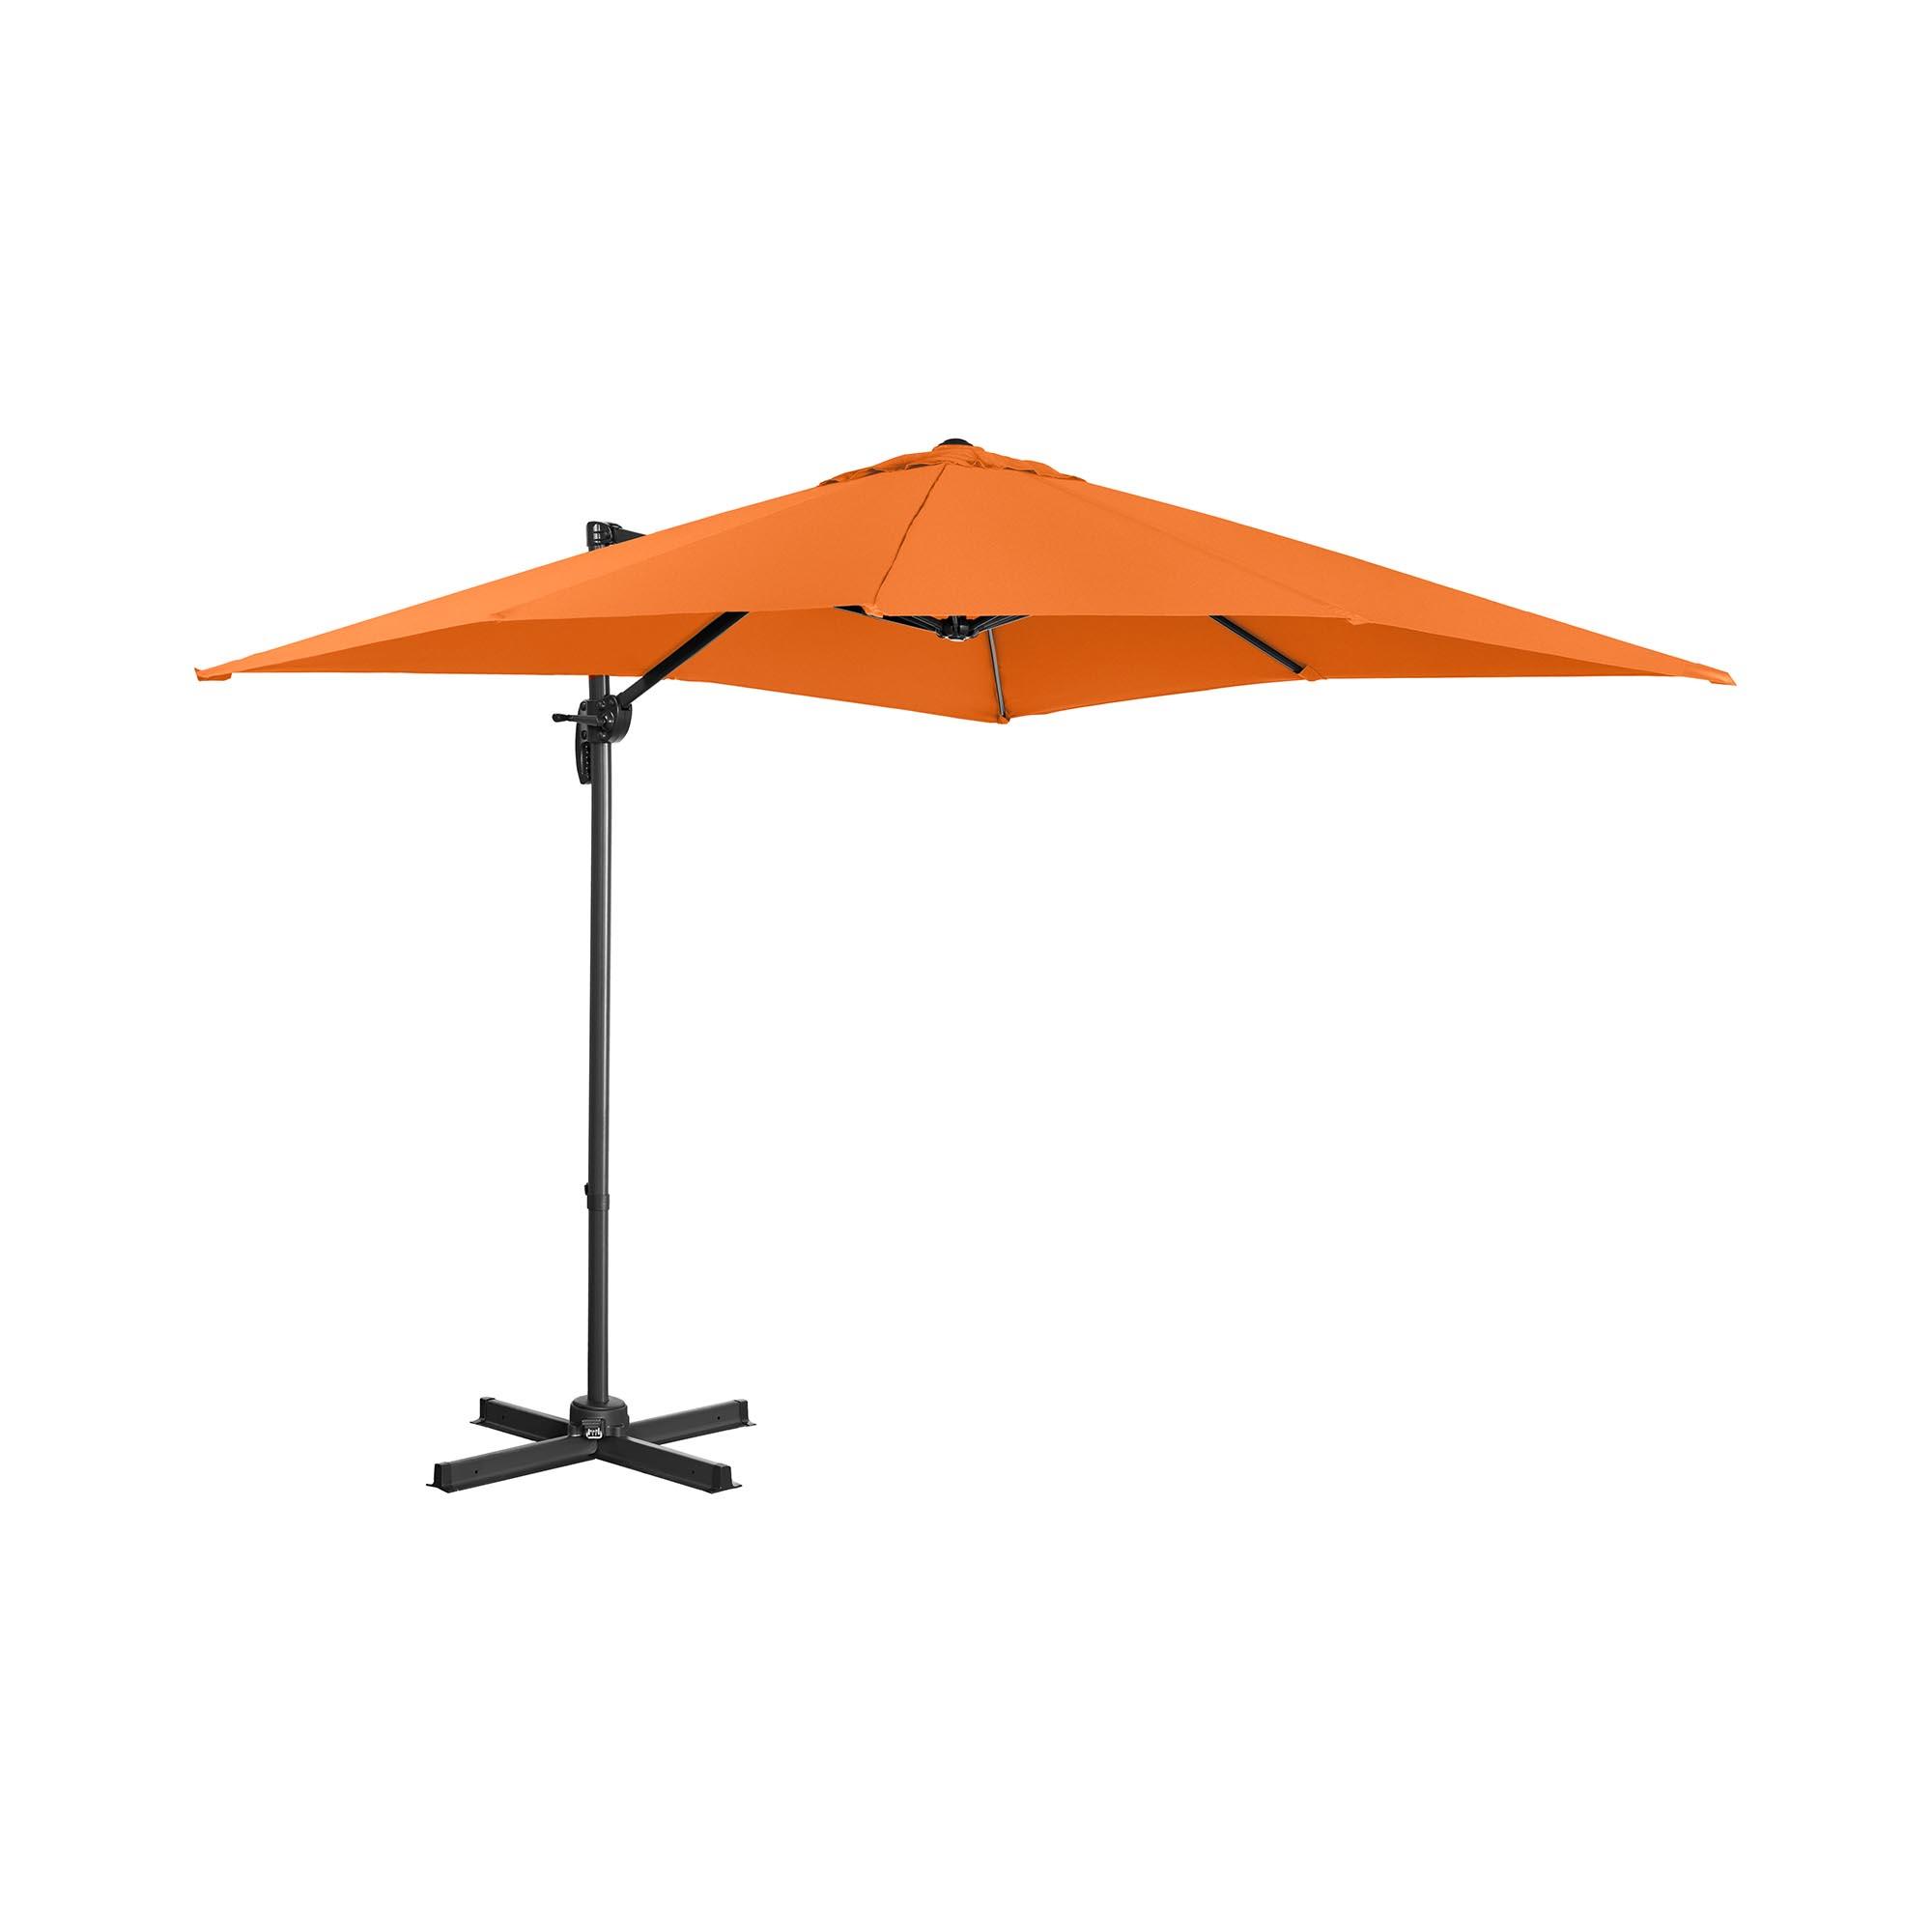 Uniprodo Ampelschirm - orange - viereckig - 250 x 250 cm - drehbar 10250105